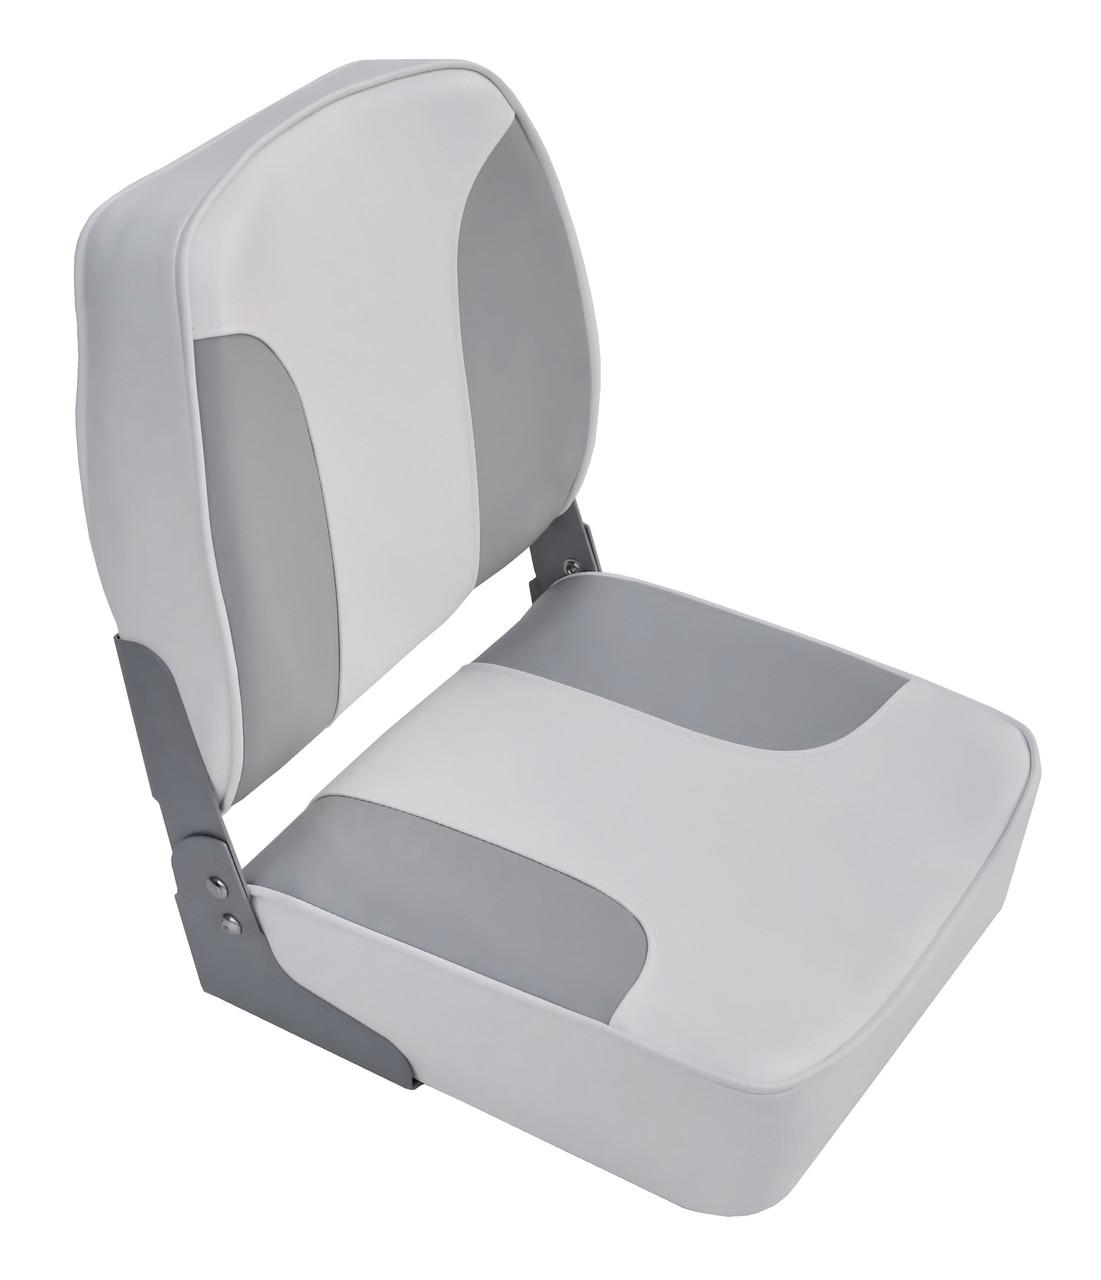 Сидіння для катери, човни, яхти низьке темно-світло-сіре 1001203